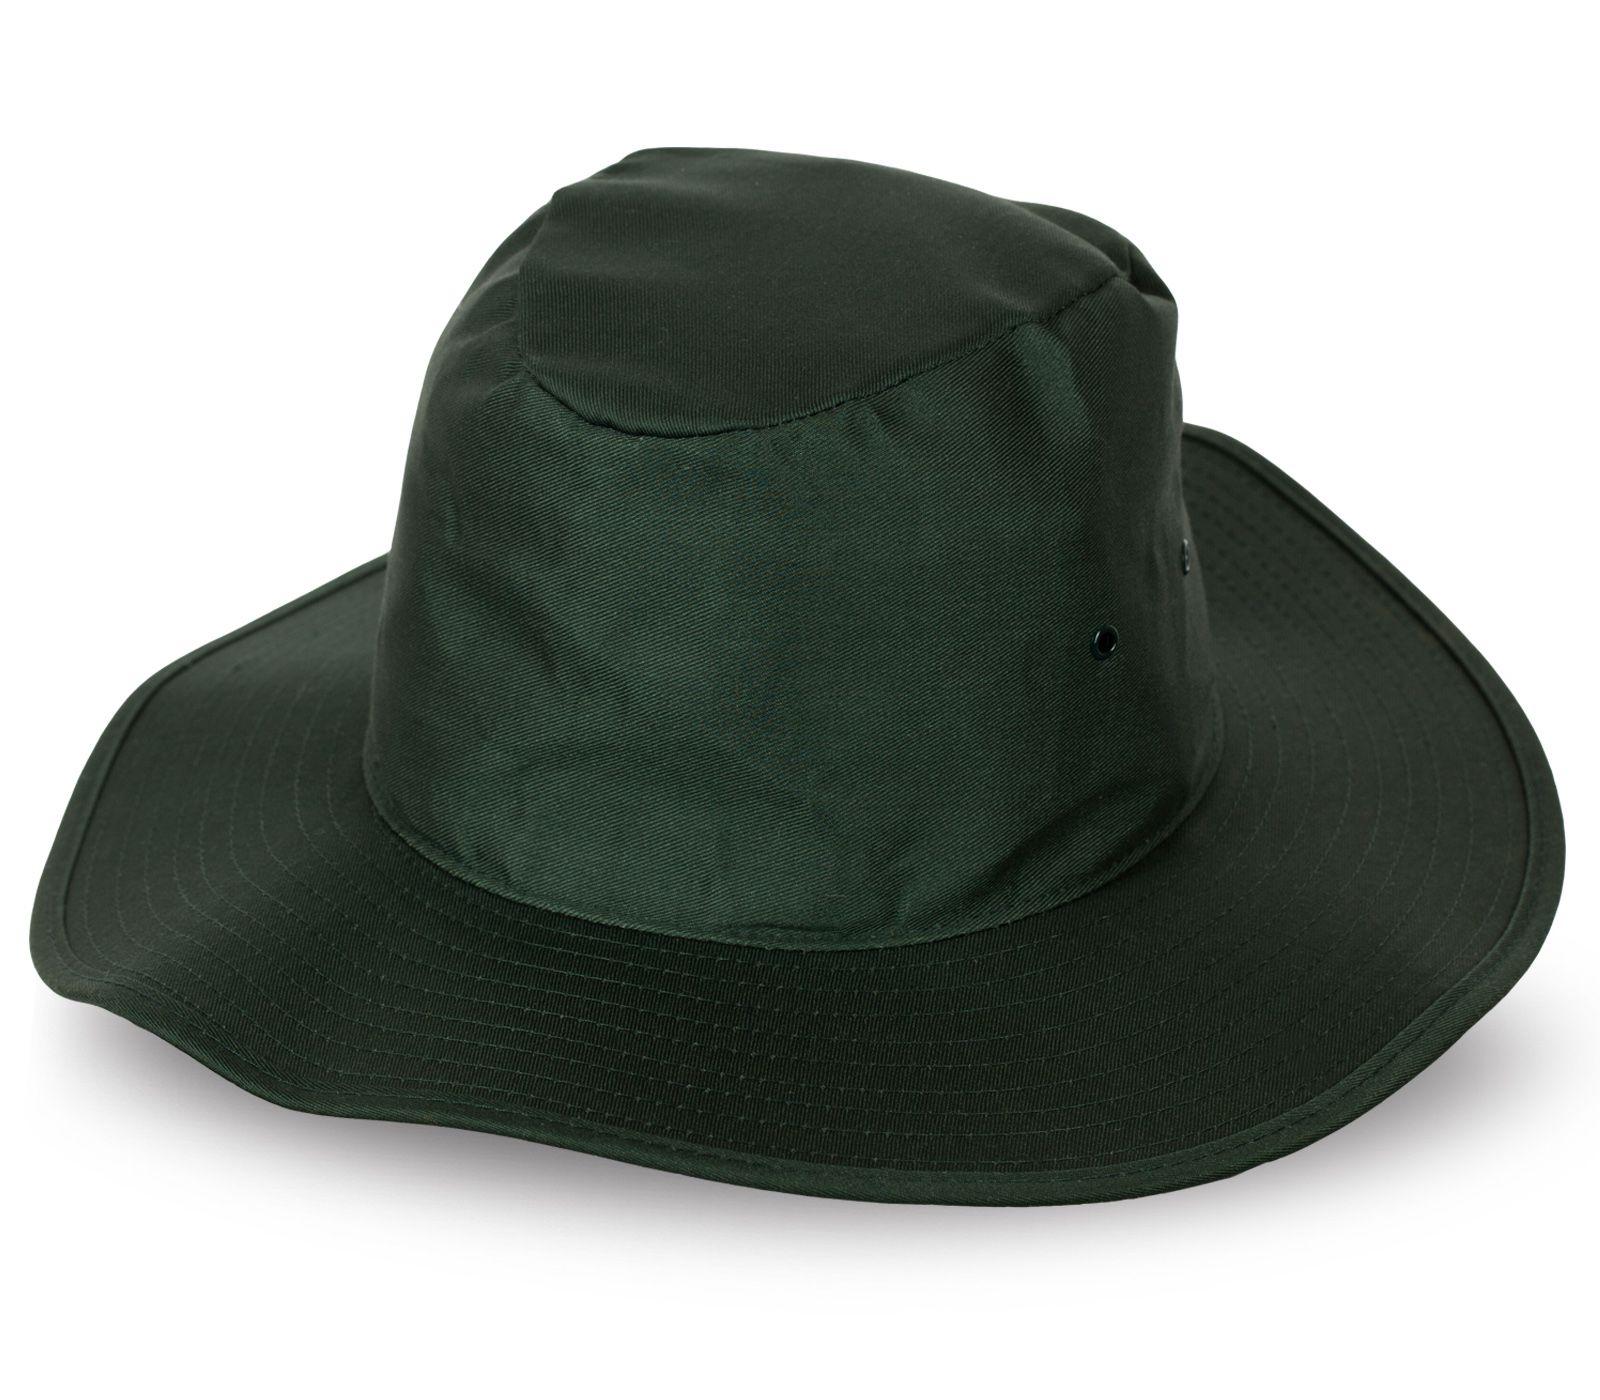 Лаконичная шляпа для прогулок в лесу